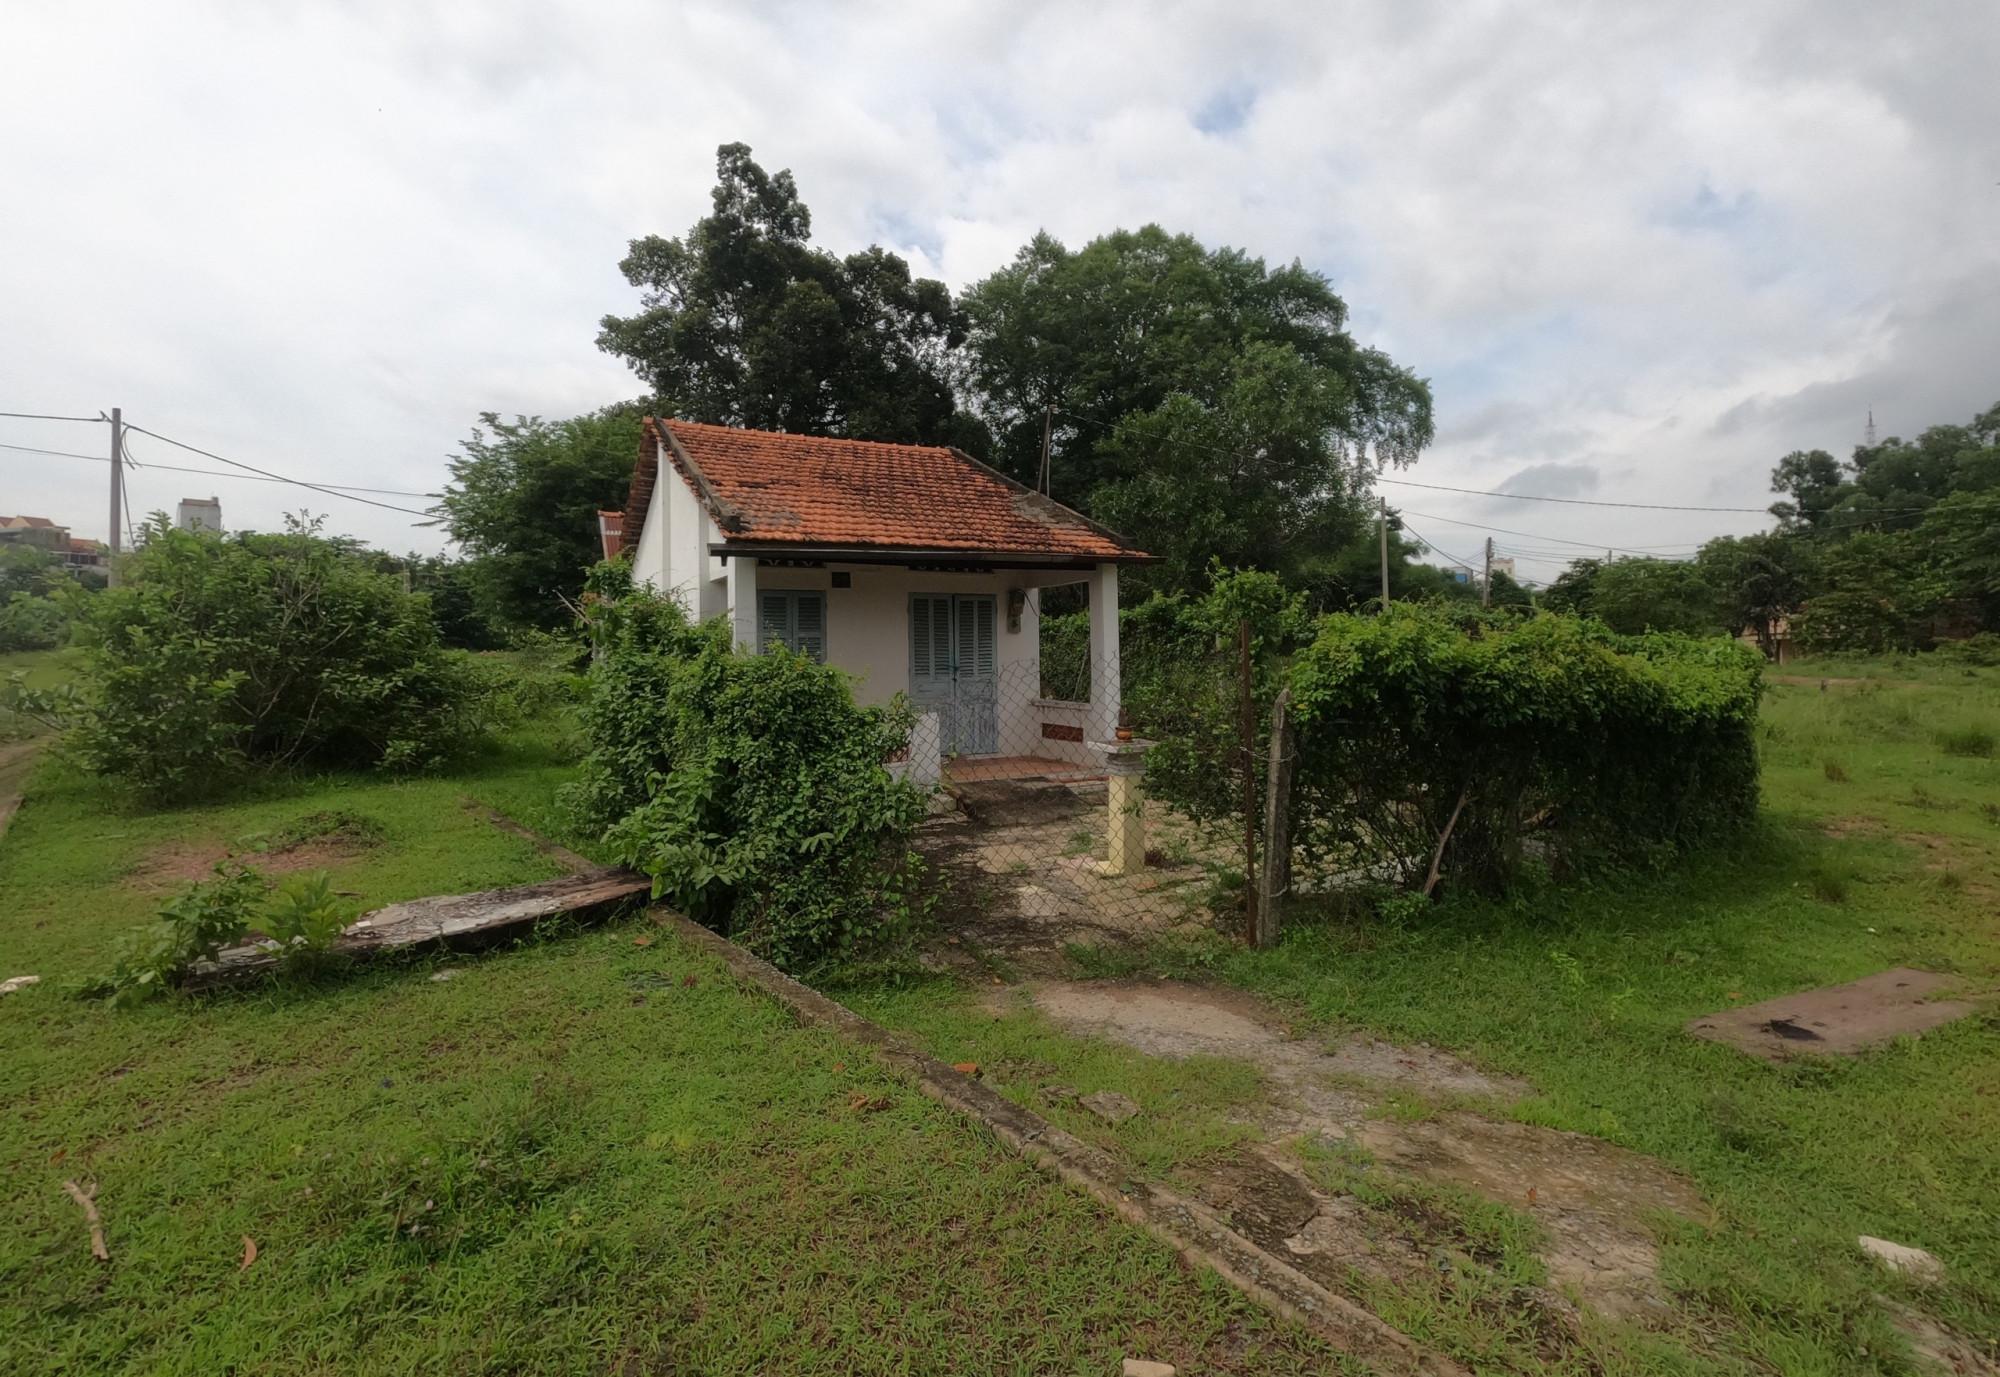 Có đất và nhà ở nhưng không được xây dựng và sửa chữa